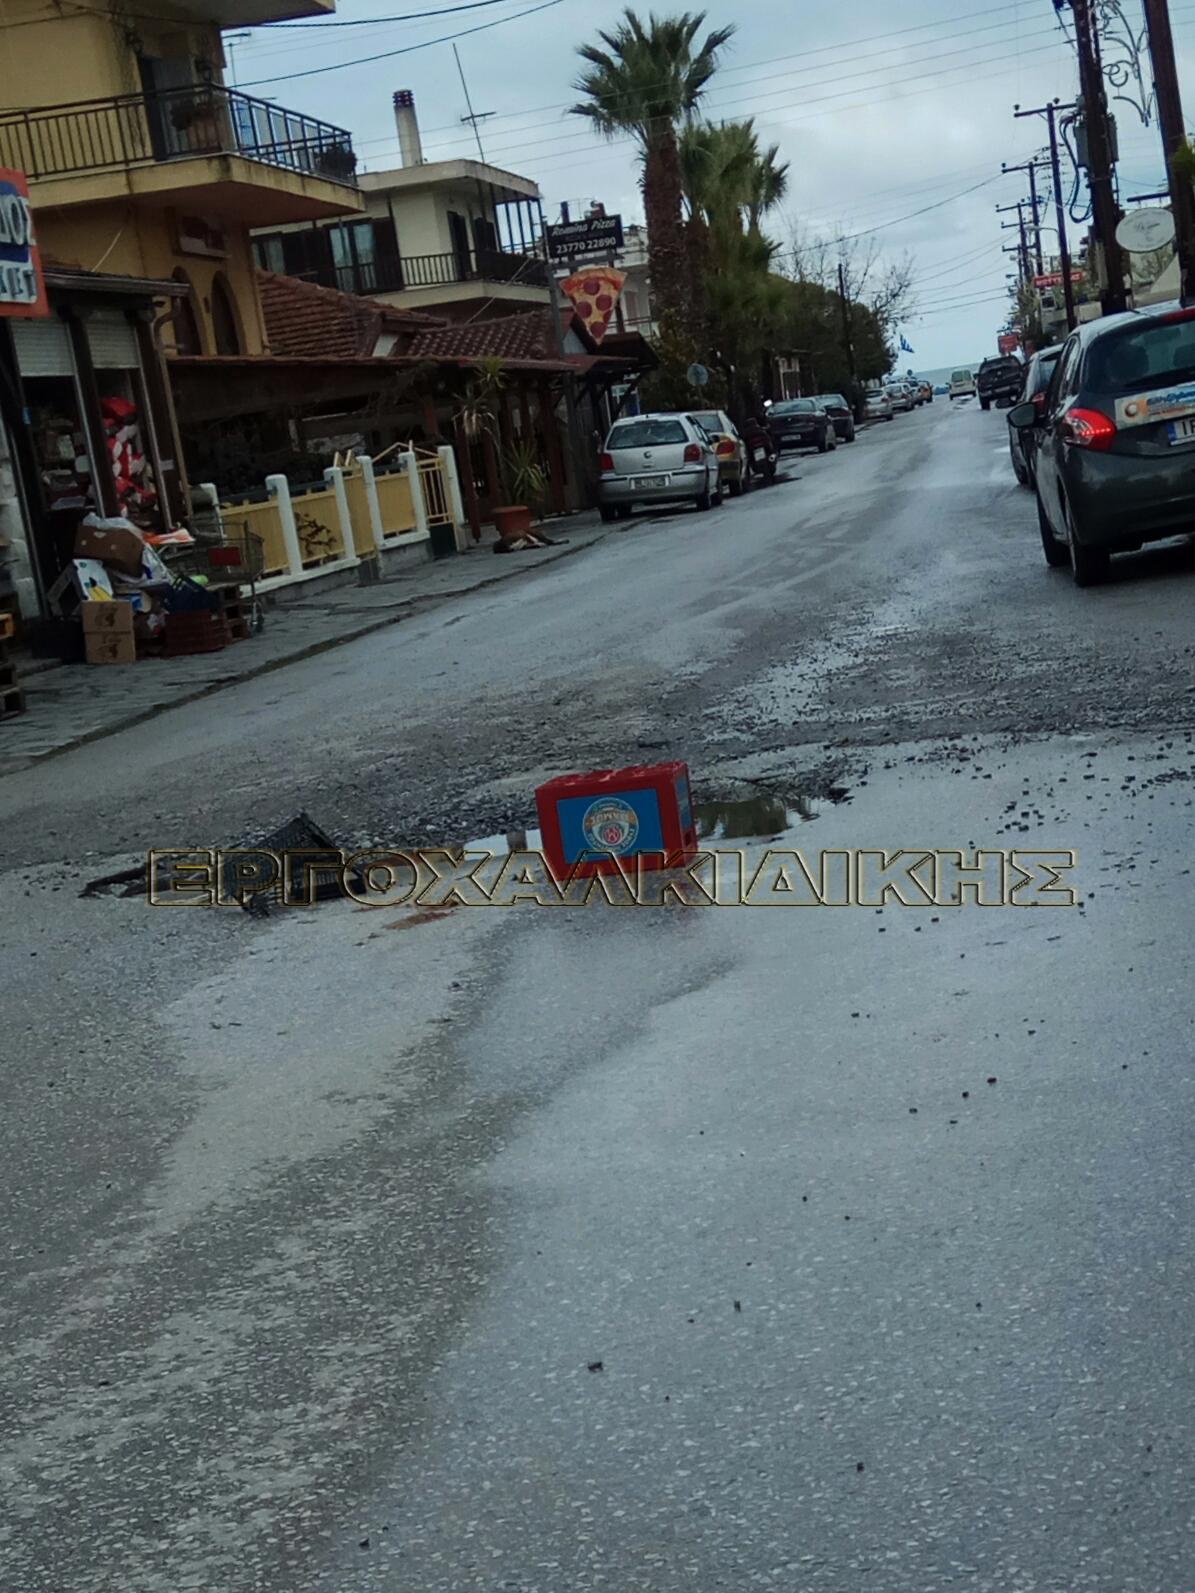 Έργα ανάπτυξης στην Ιερισσό Χαλκιδικής ενόψει τουριστικής περιόδου!!!